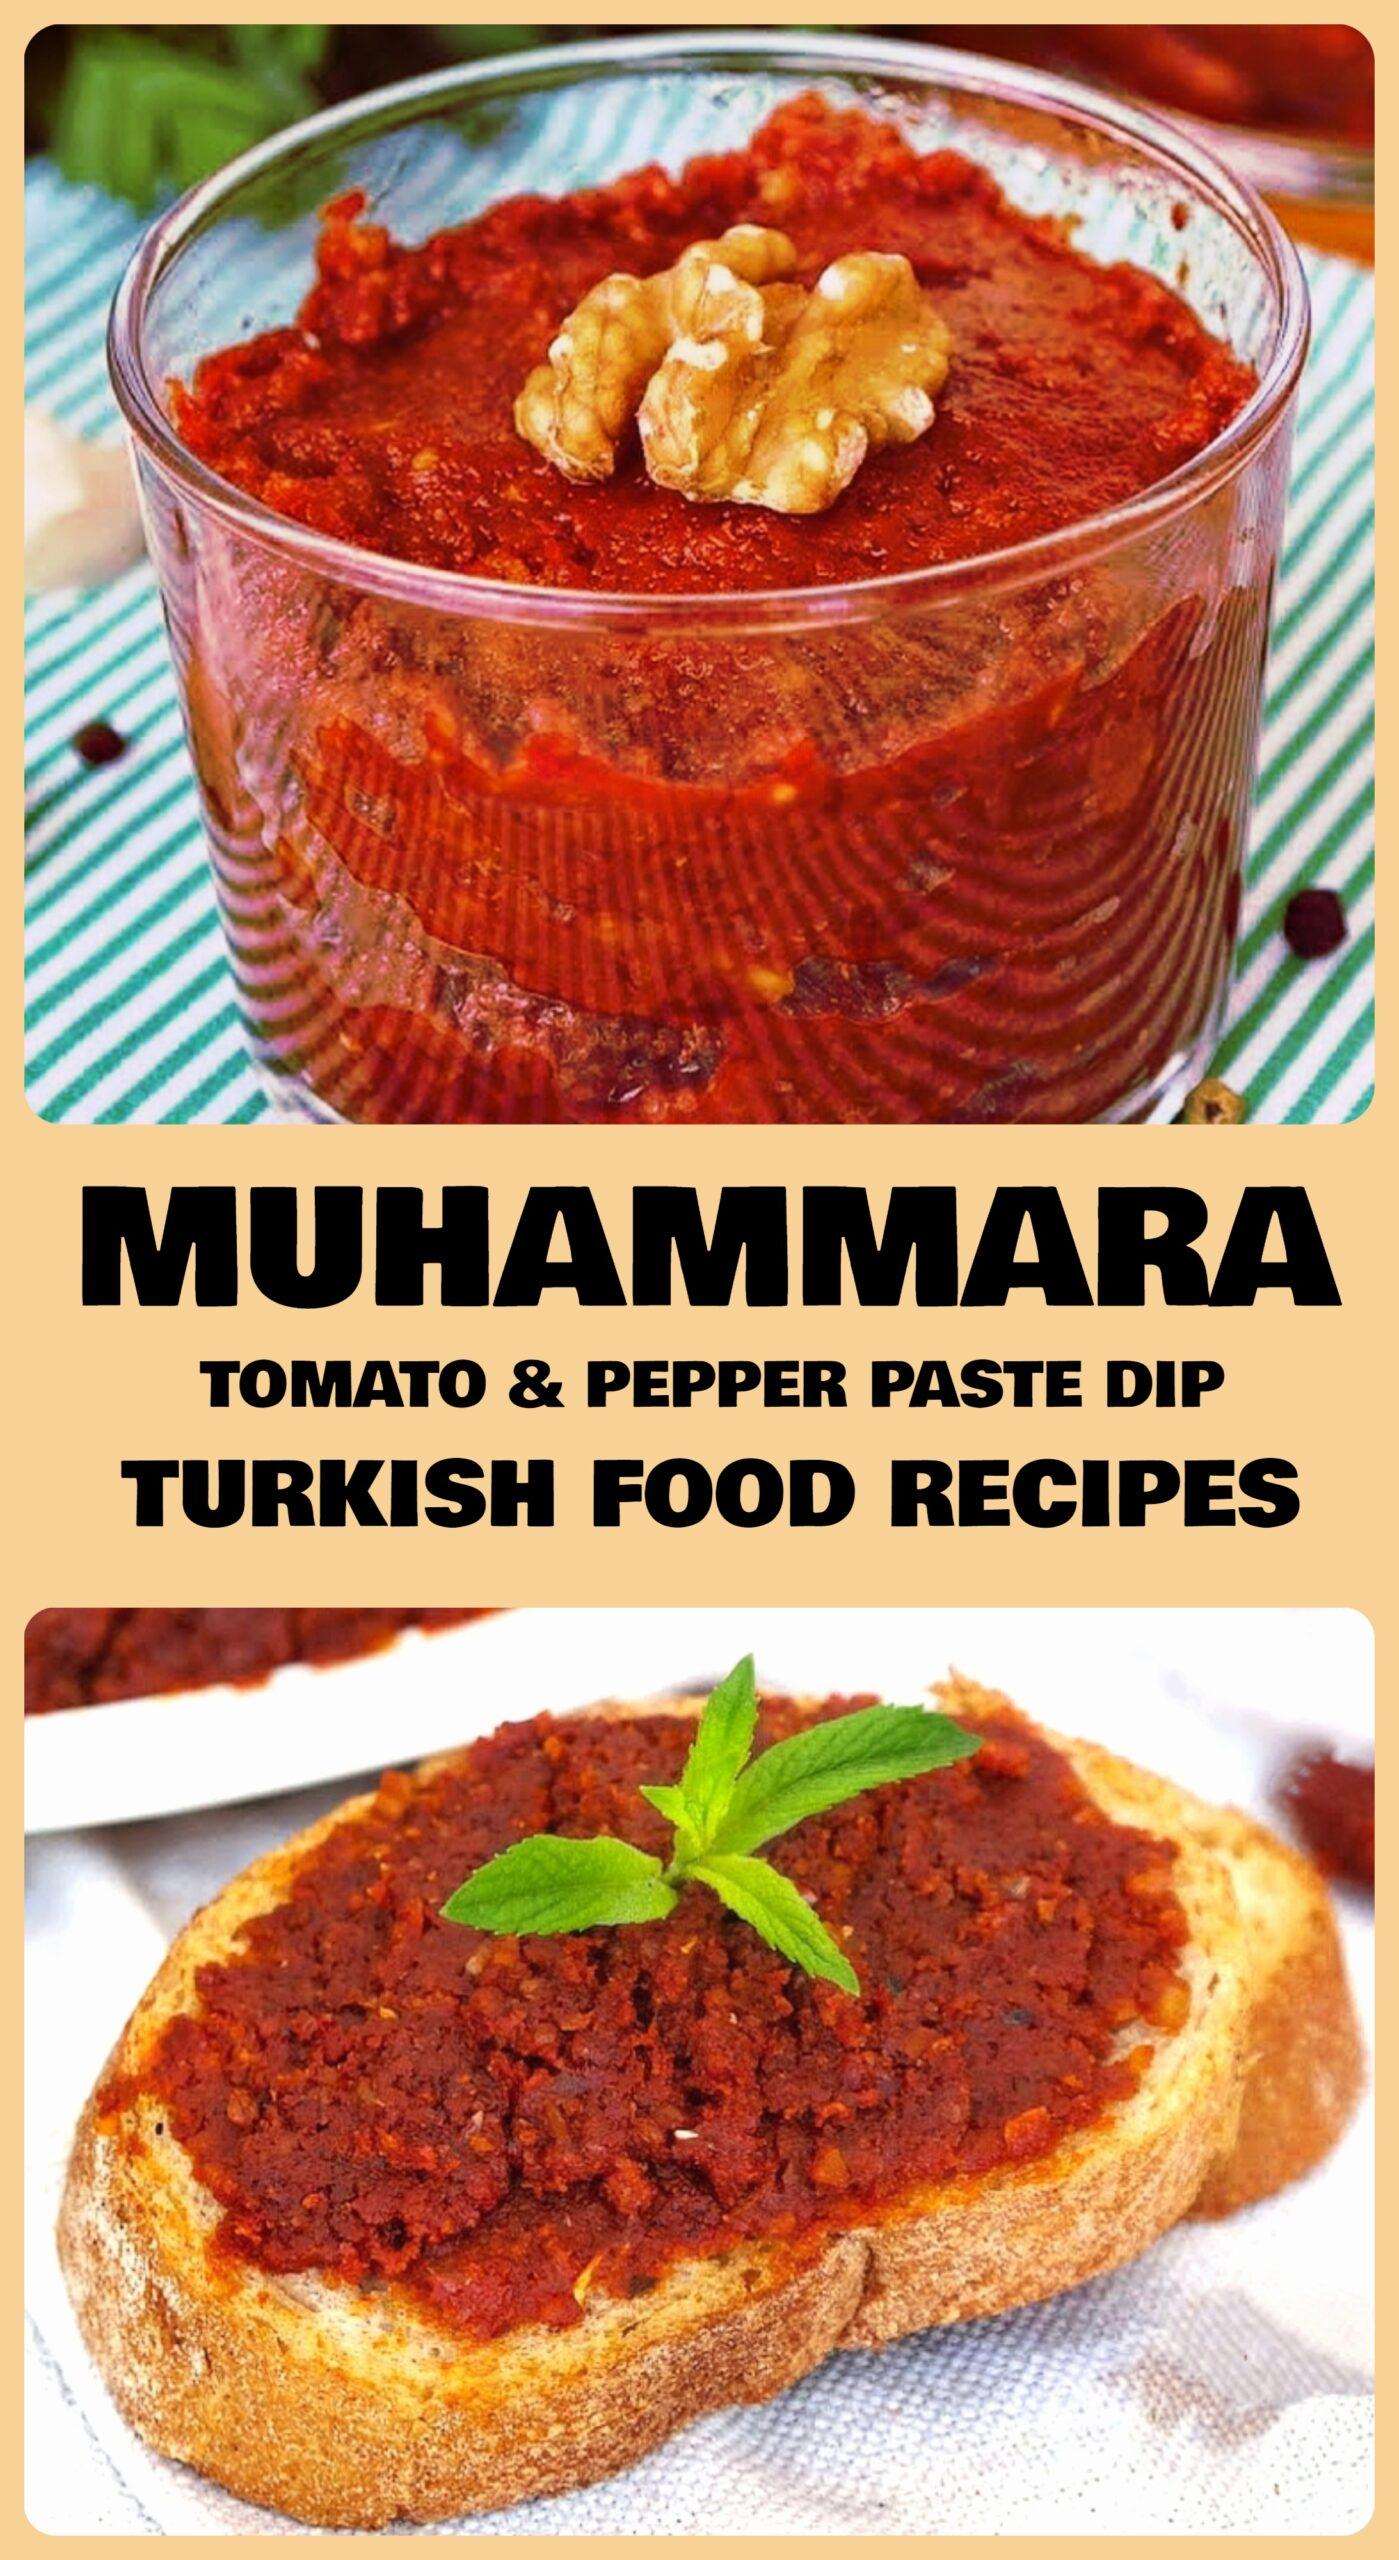 Muhammara - Tomato & Pepper Paste Dip Recipe